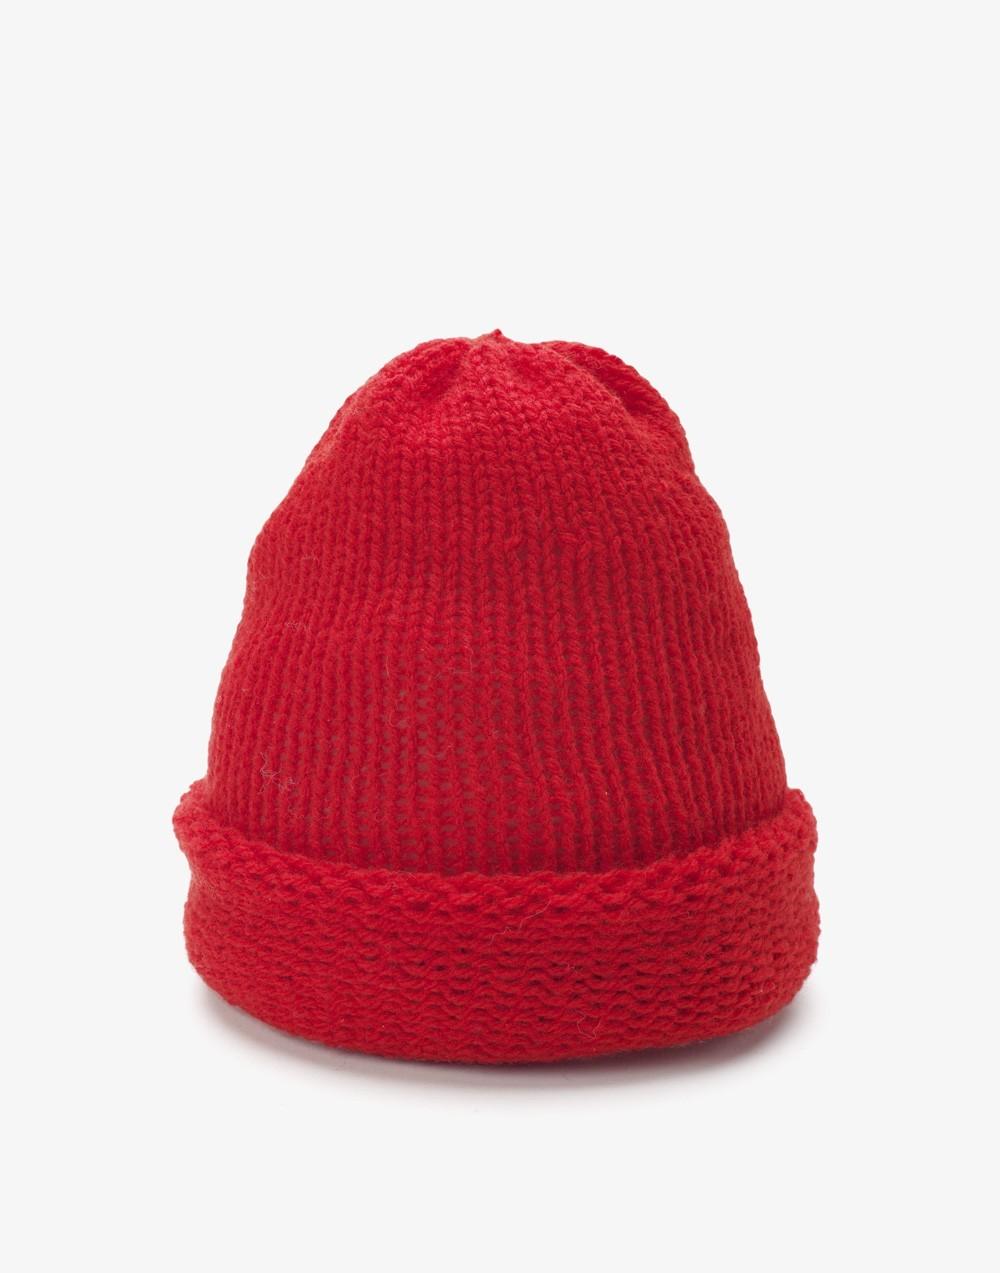 Кресло Rocking-Knit способно связать шапку